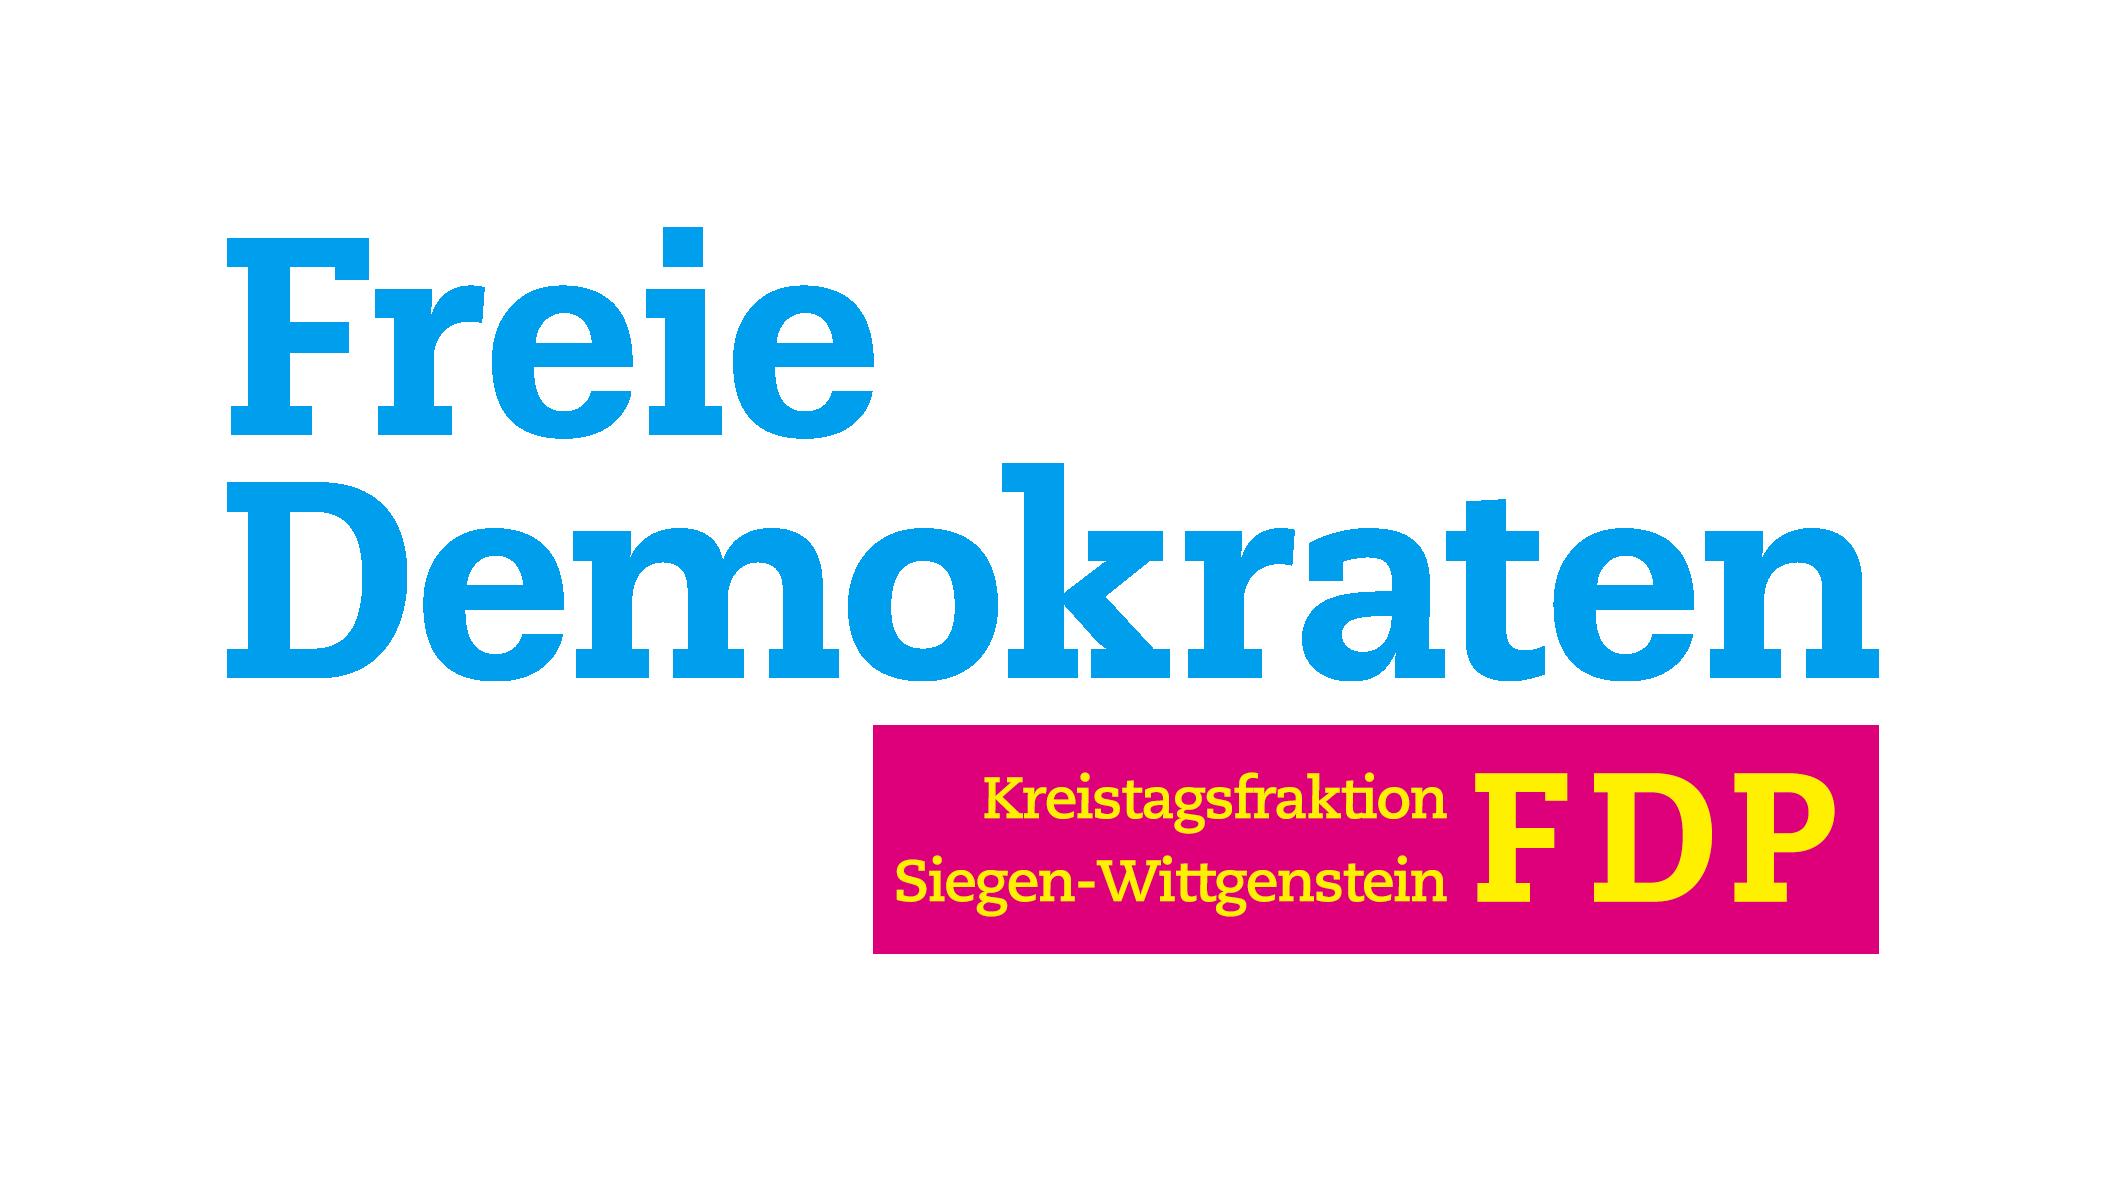 FDP-Kreistagsfraktion Siegen-Wittgenstein